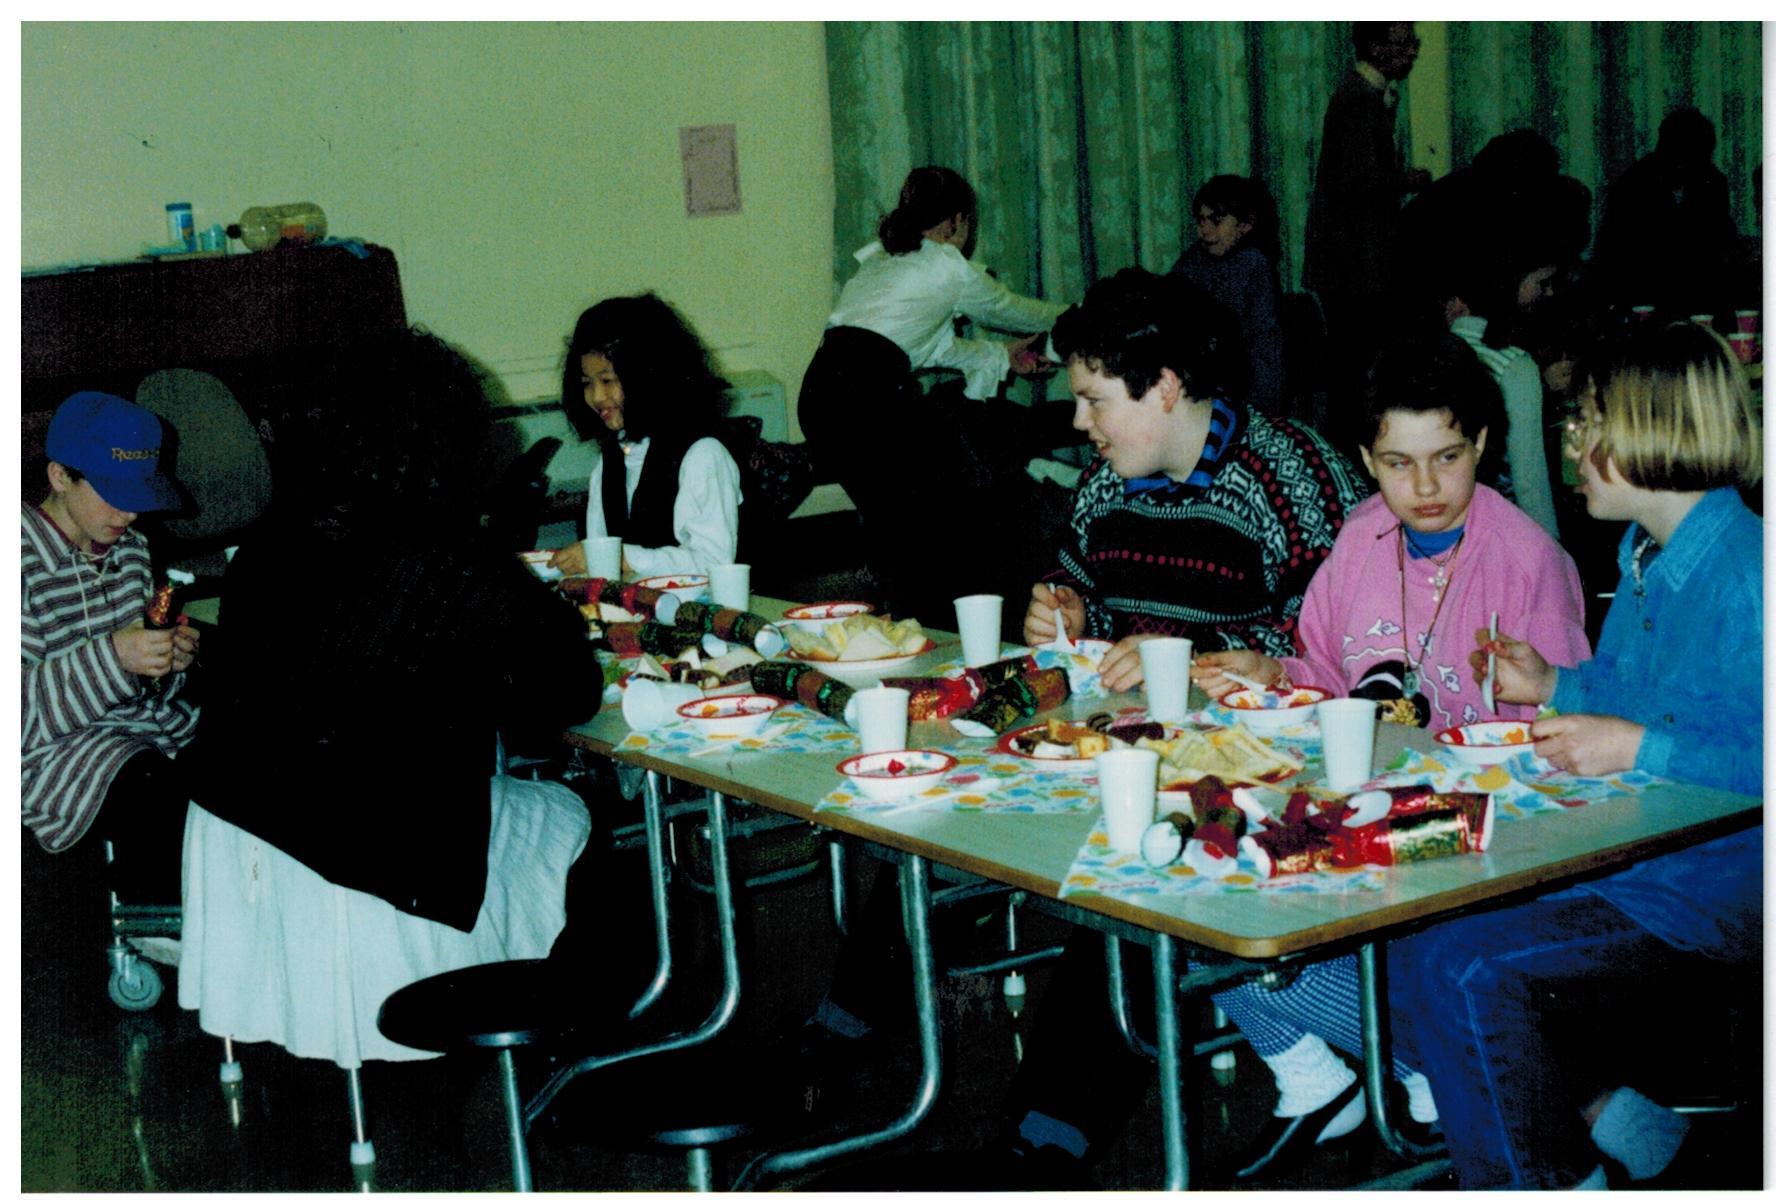 I033_Xmas-Party-1995